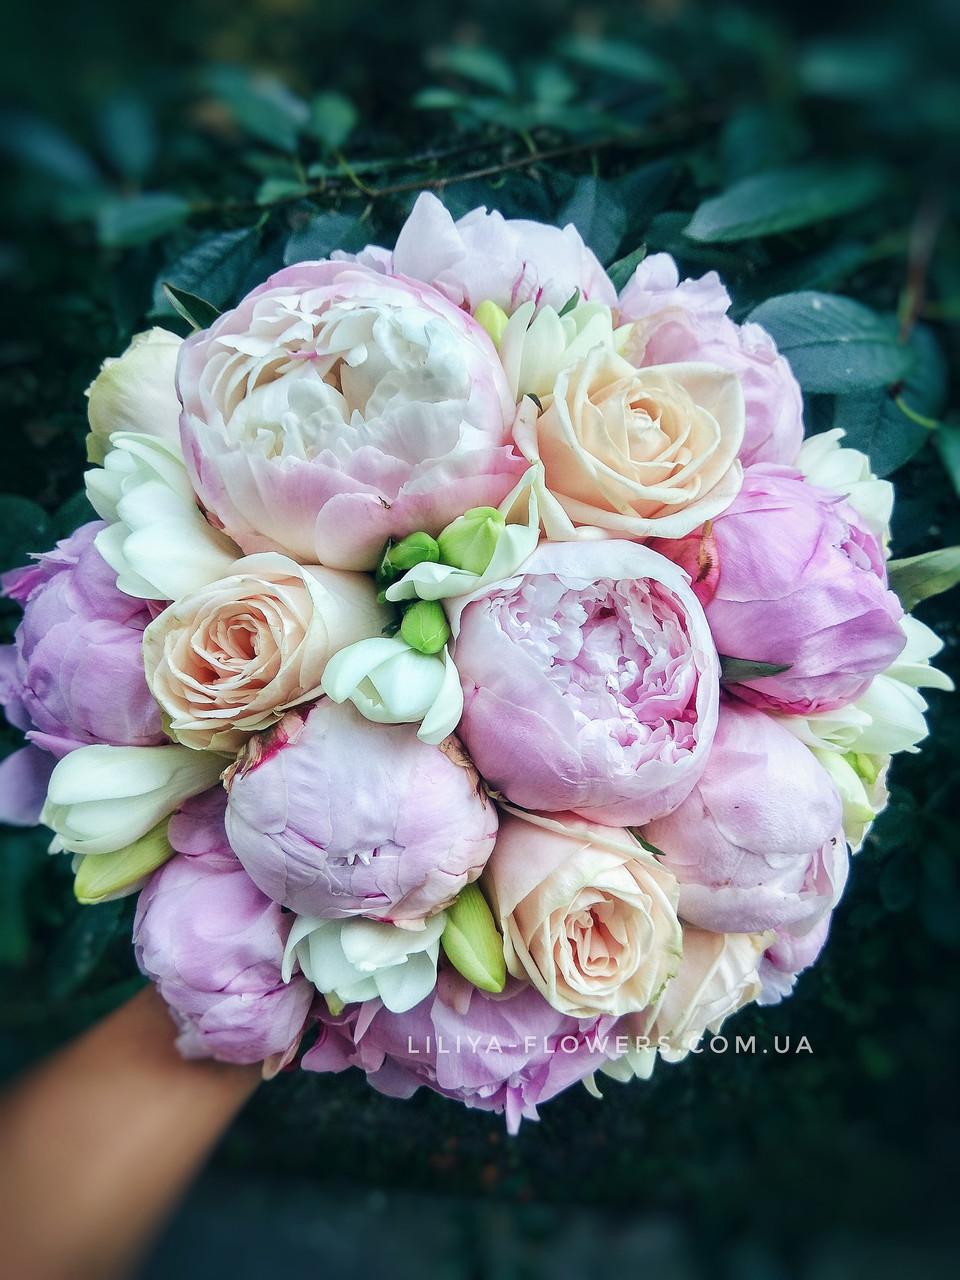 Цветов свадебный букет невесты с доставкой киев невесты